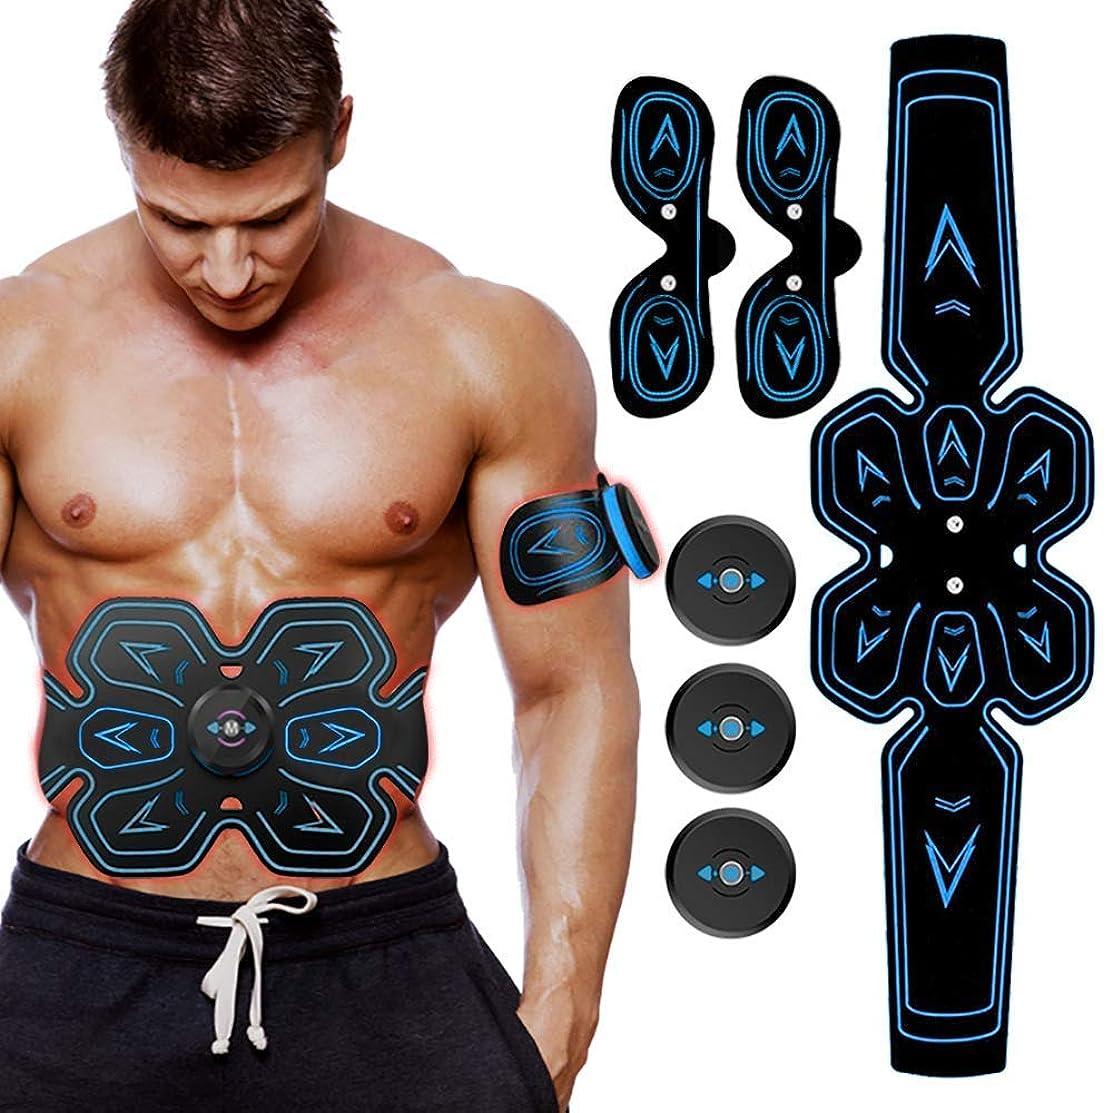 拍手する快適まあ電気腹部筋肉刺激装置、ABSウエストトレーナーフィットネス減量体重減少マッサージャー用男性と女性の脂肪燃焼